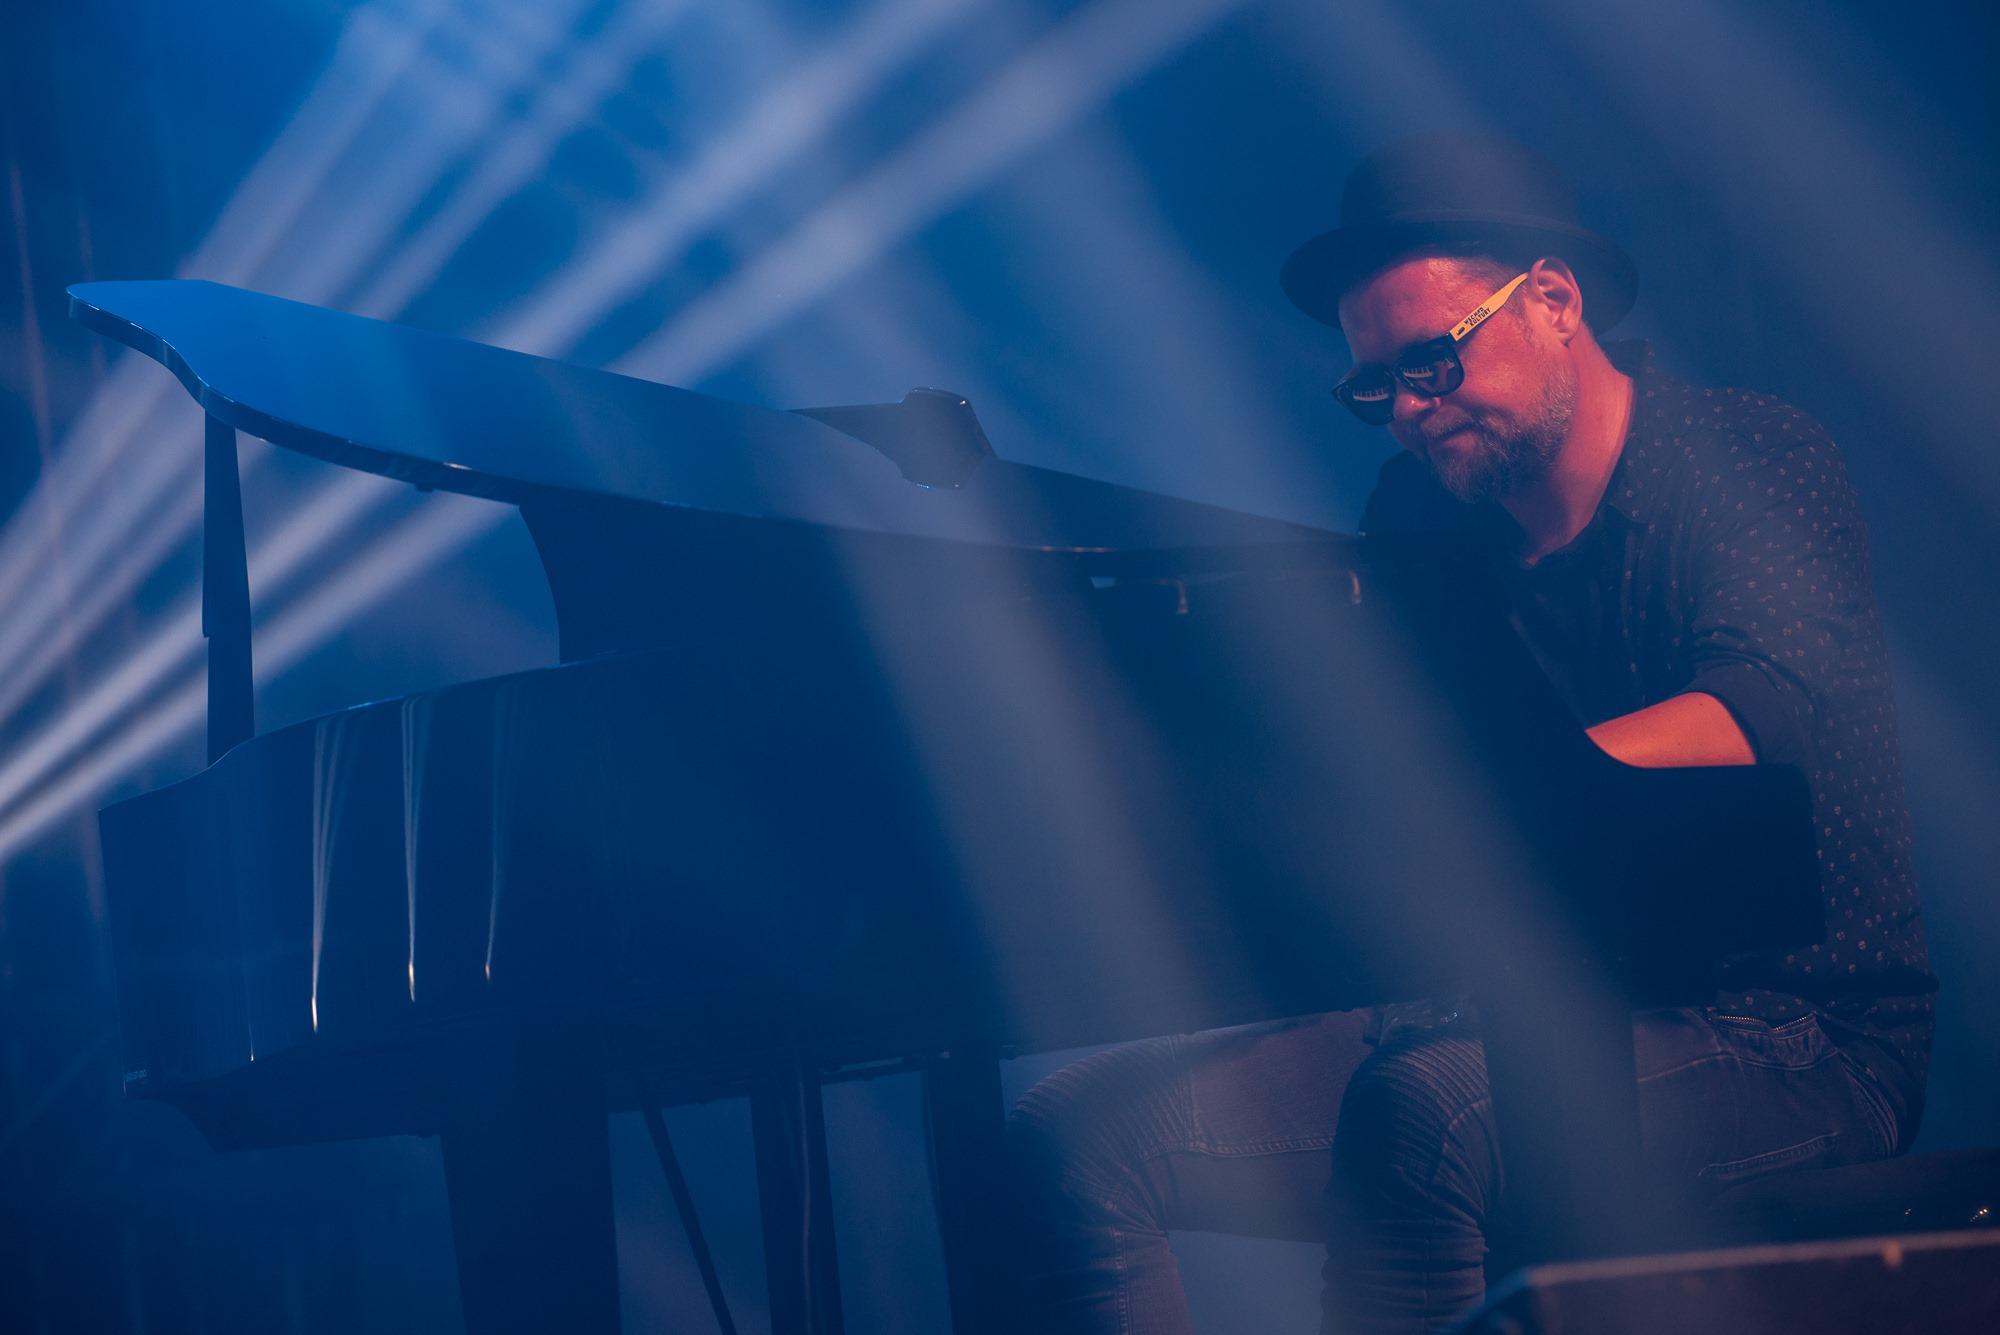 [Zdjęcie z koncertu przedstawia mężczyznę grającego na fortepianie. Mężczyzna ma ciemne okulary oraz czarny kapelusz na głowie. Ubrany jest w ciemną koszulę oraz spodnie. Oświetla go niebieskie światło.]